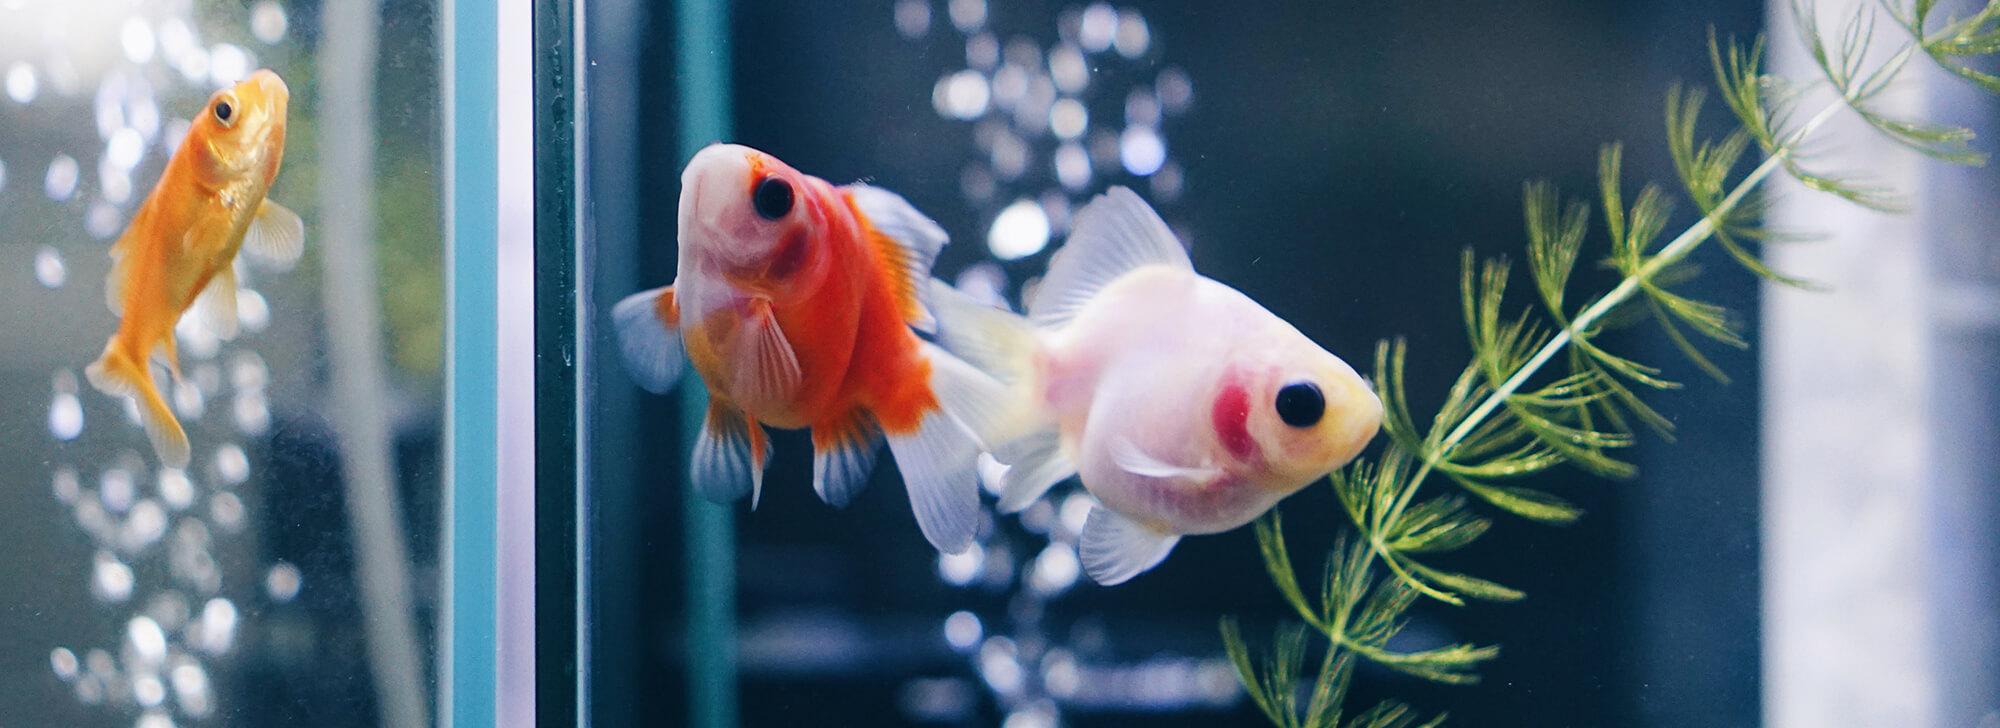 カテゴリー用金魚の写真